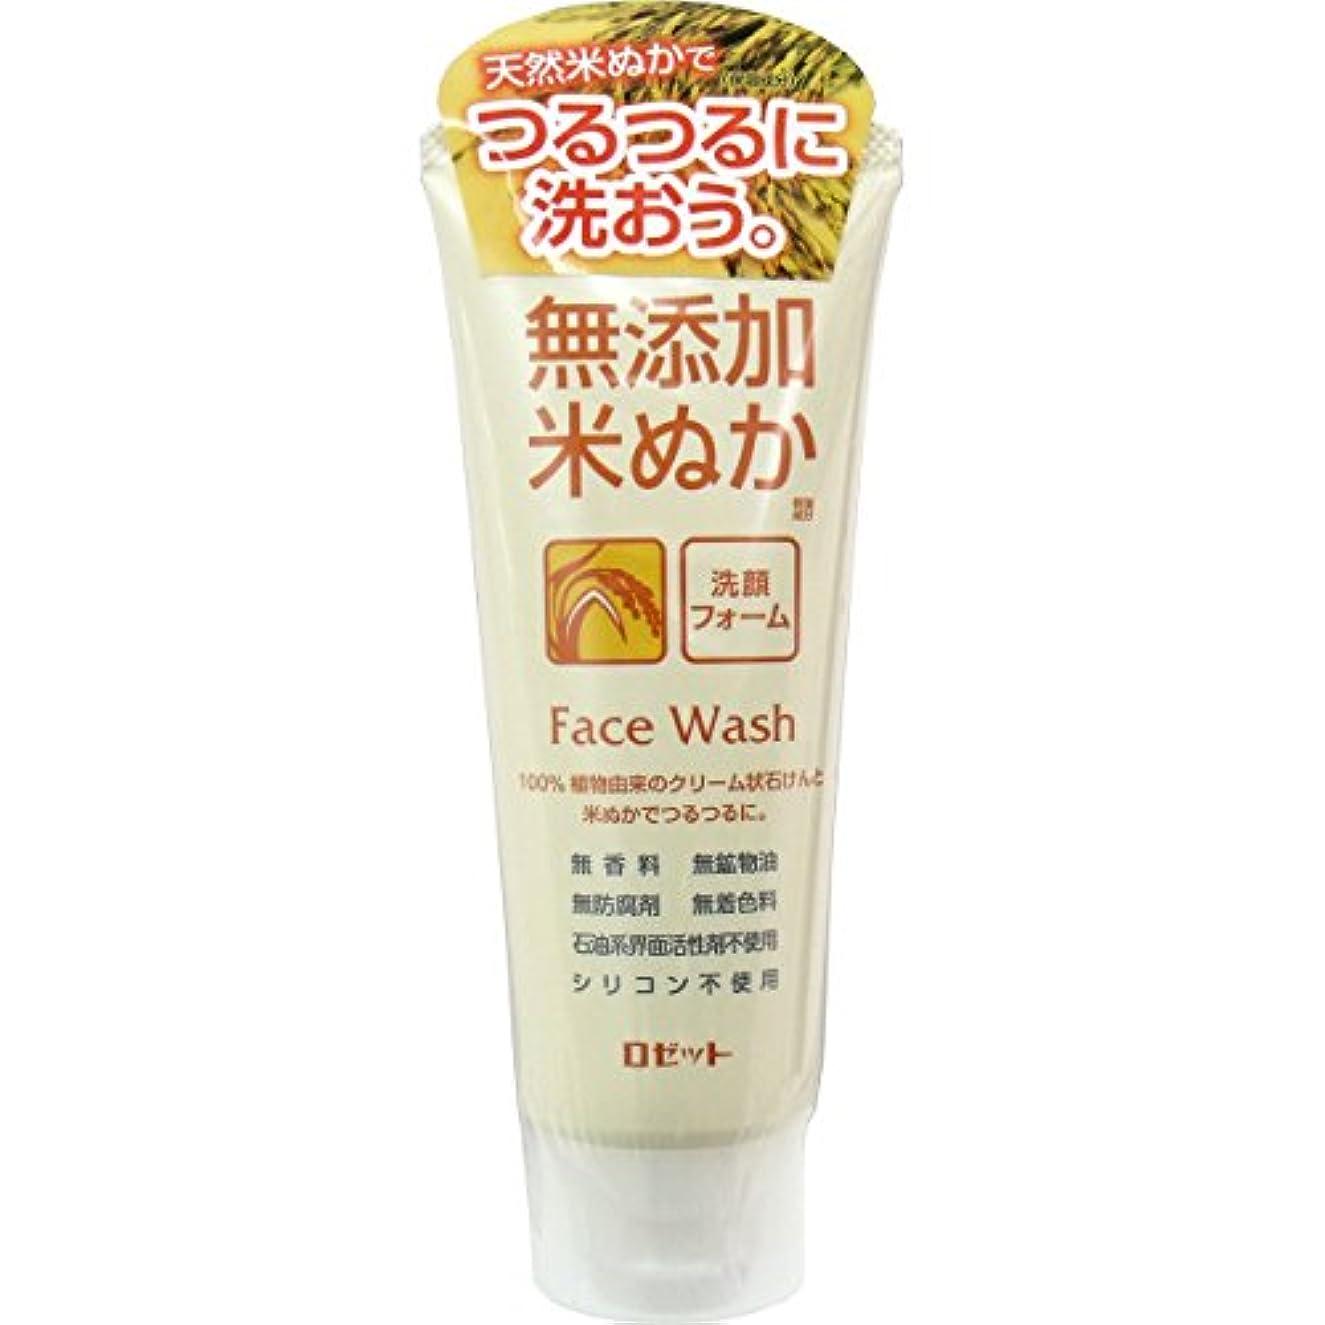 カードベッドを作るショッキング【ロゼット】無添加米ぬか洗顔フォーム 140g ×20個セット